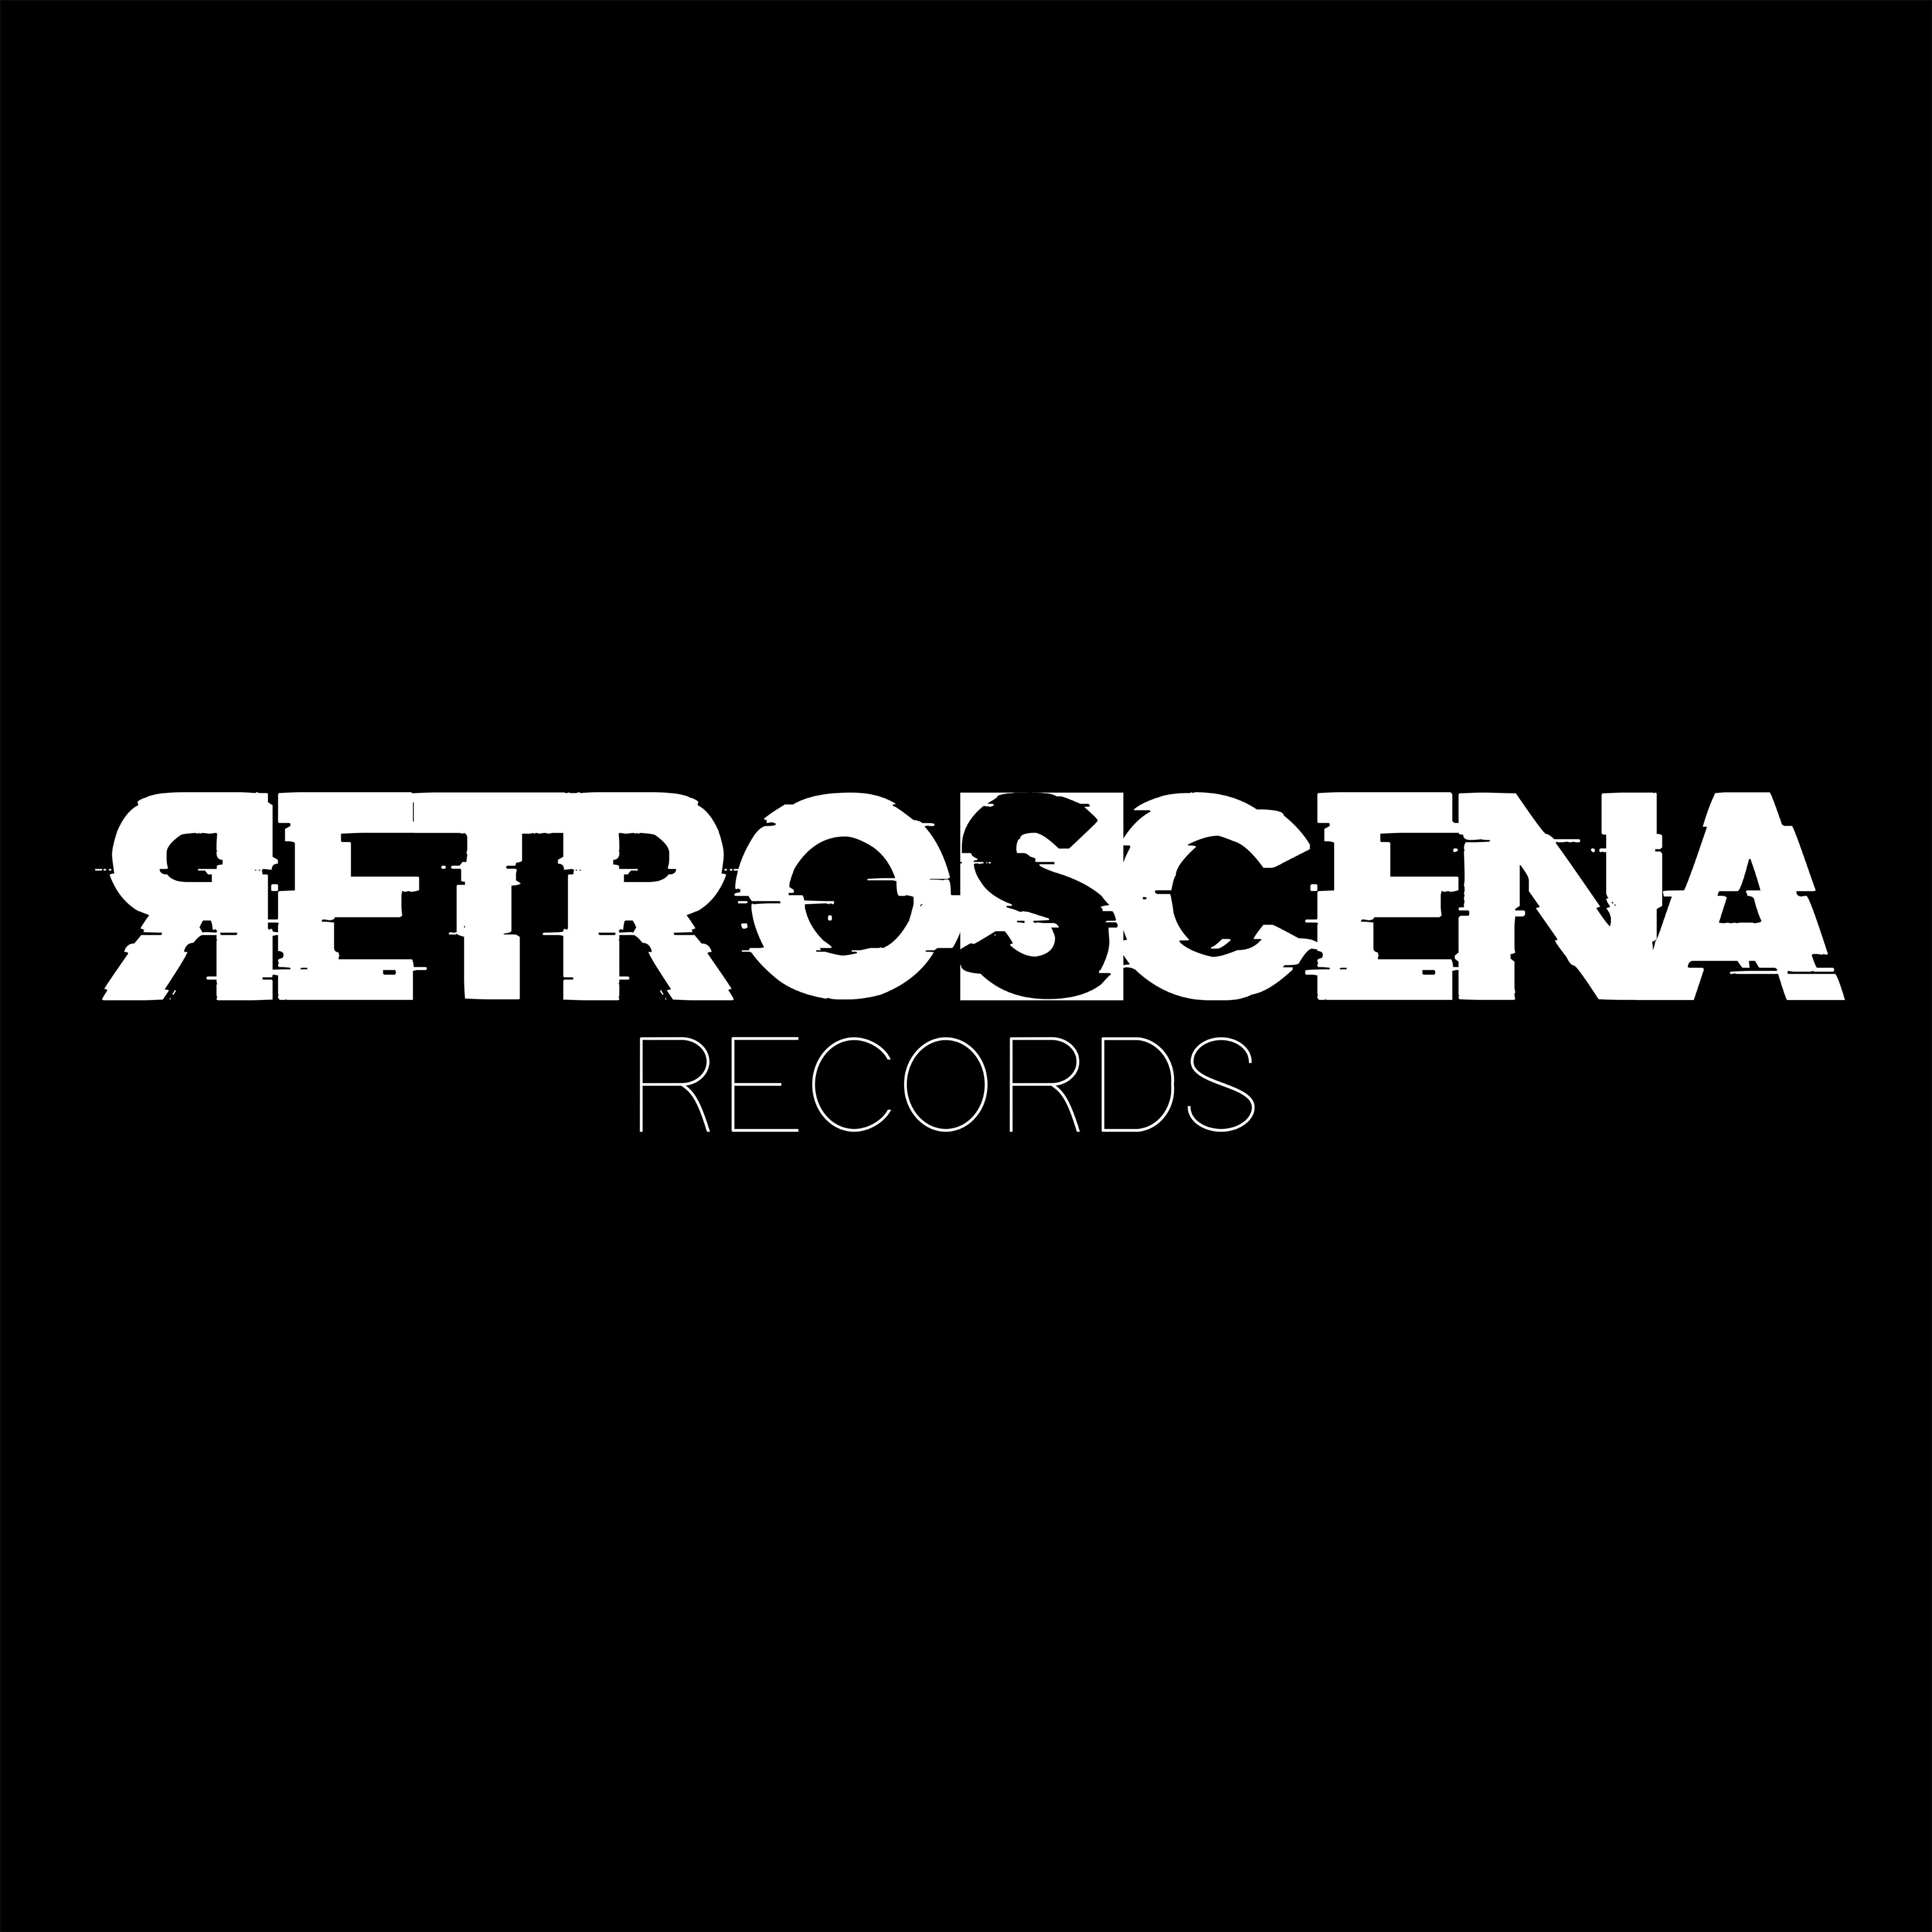 Retroscena Records